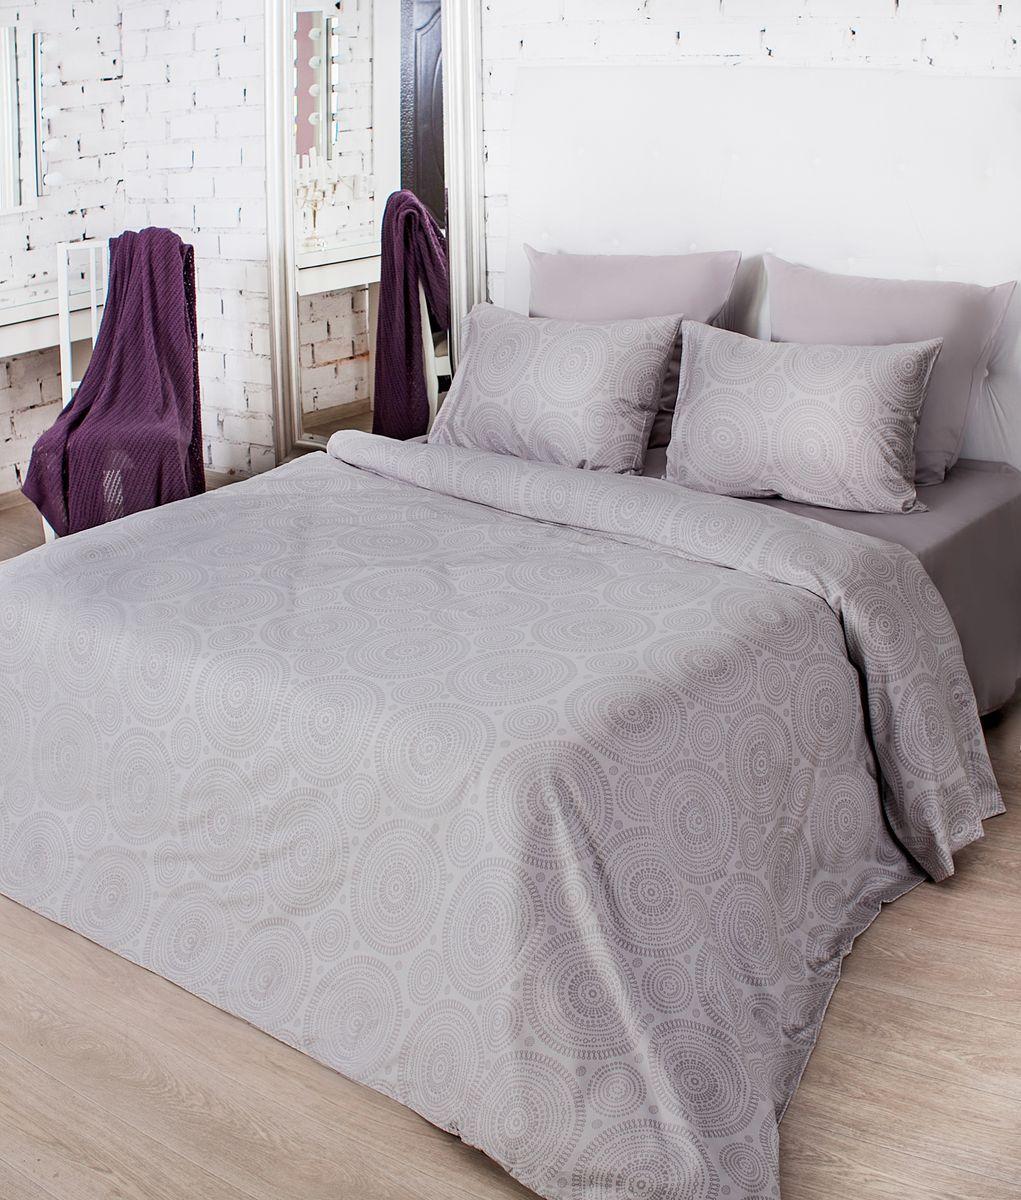 93f6b4d787770e Комплект белья La Prima Тиффани (1,5-спальный КПБ, мако-сатин,  наволочка-трансформер 50х70/70х70), серый — купить в интернет-магазине OZON  с быстрой ...